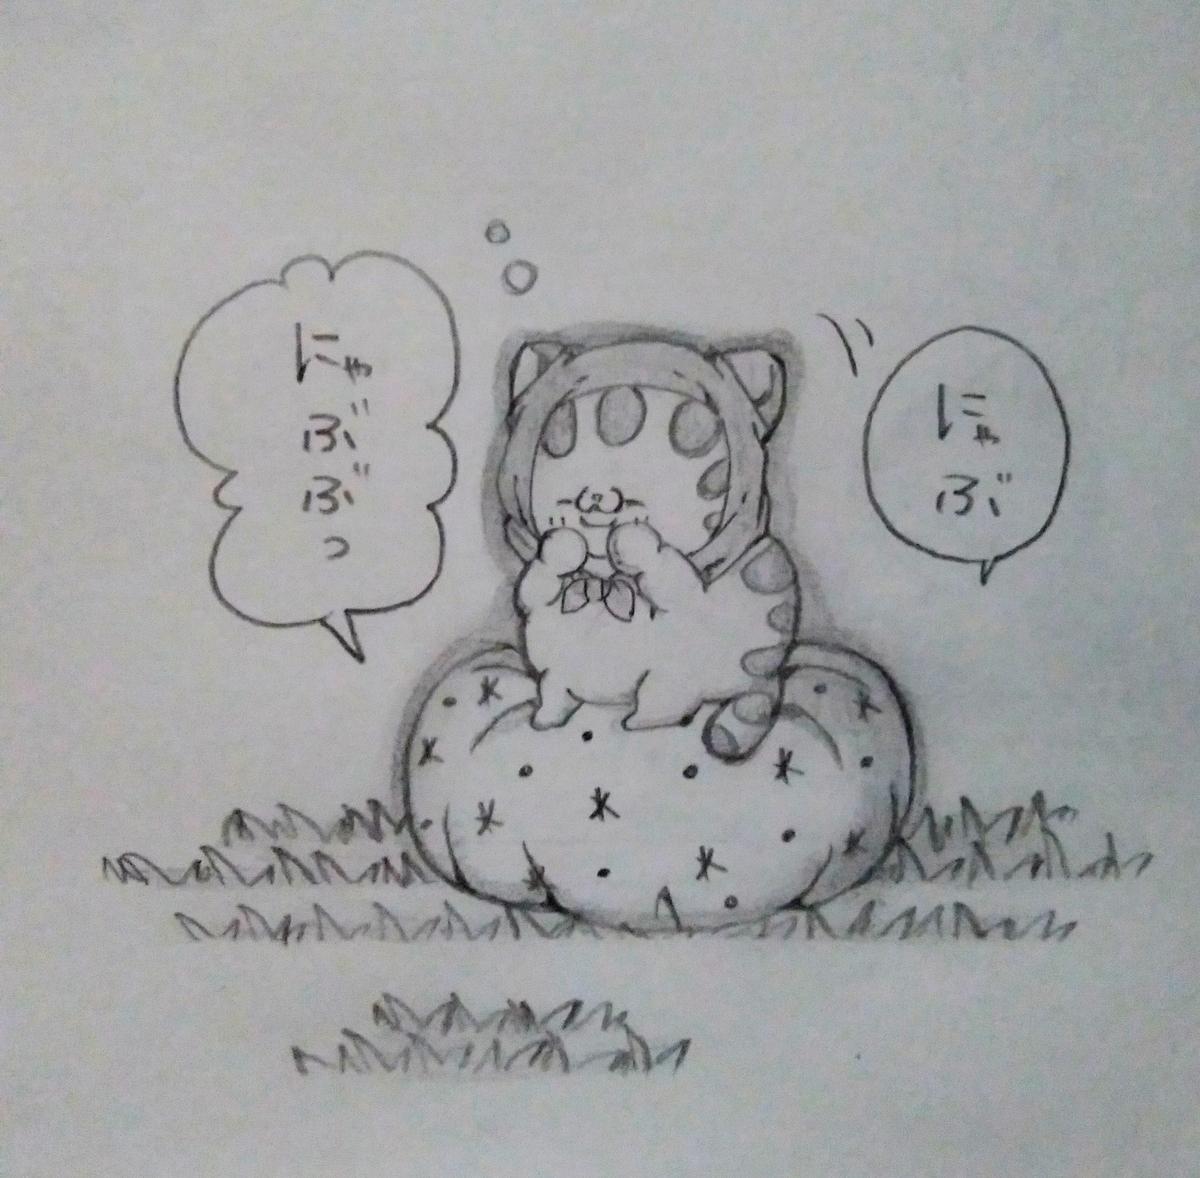 f:id:maricats:20210505194118j:plain